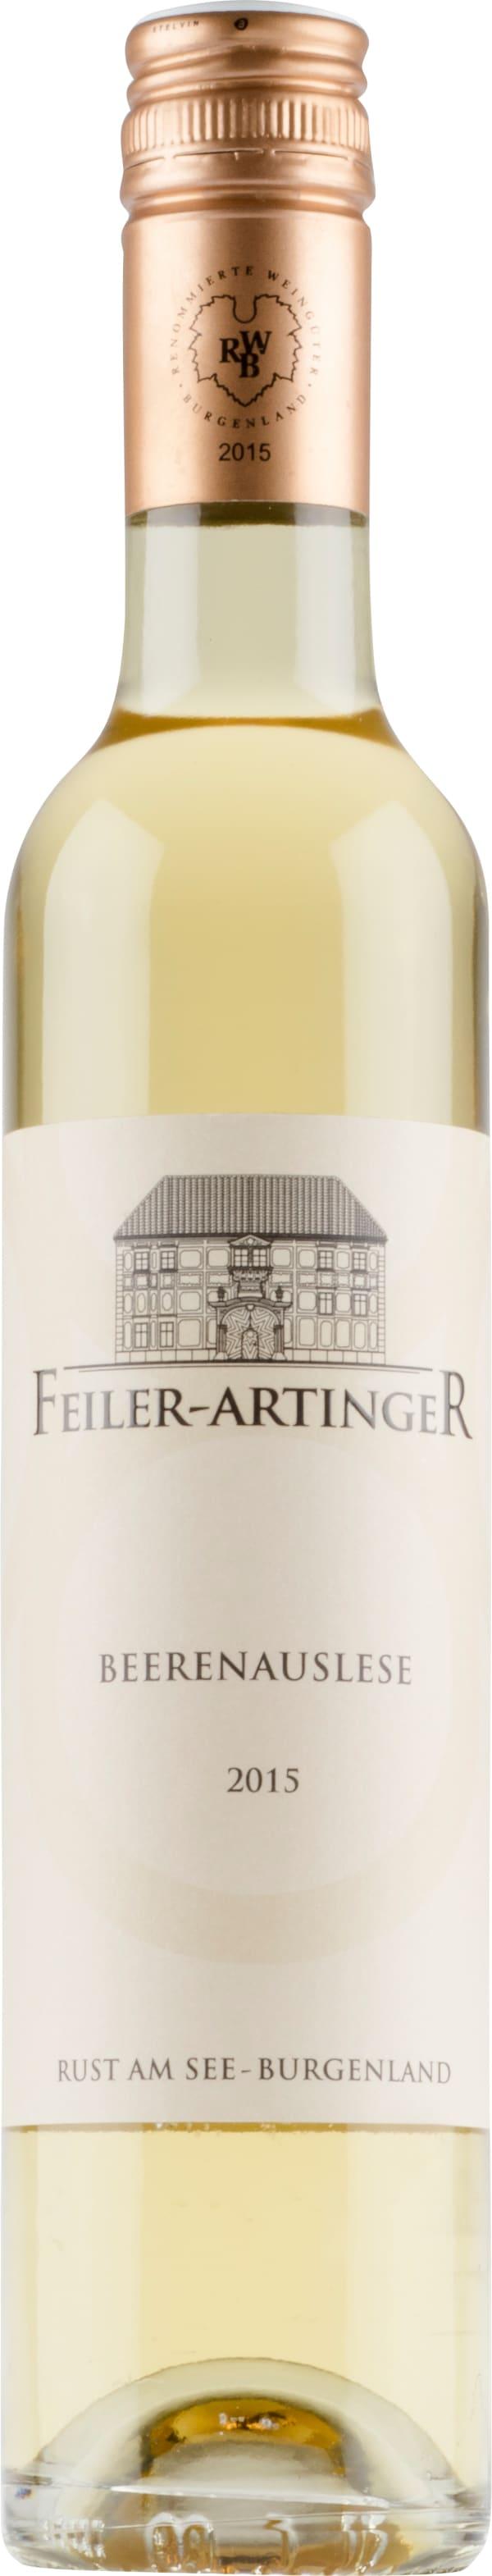 Feiler-Artinger Beerenauslese 2018